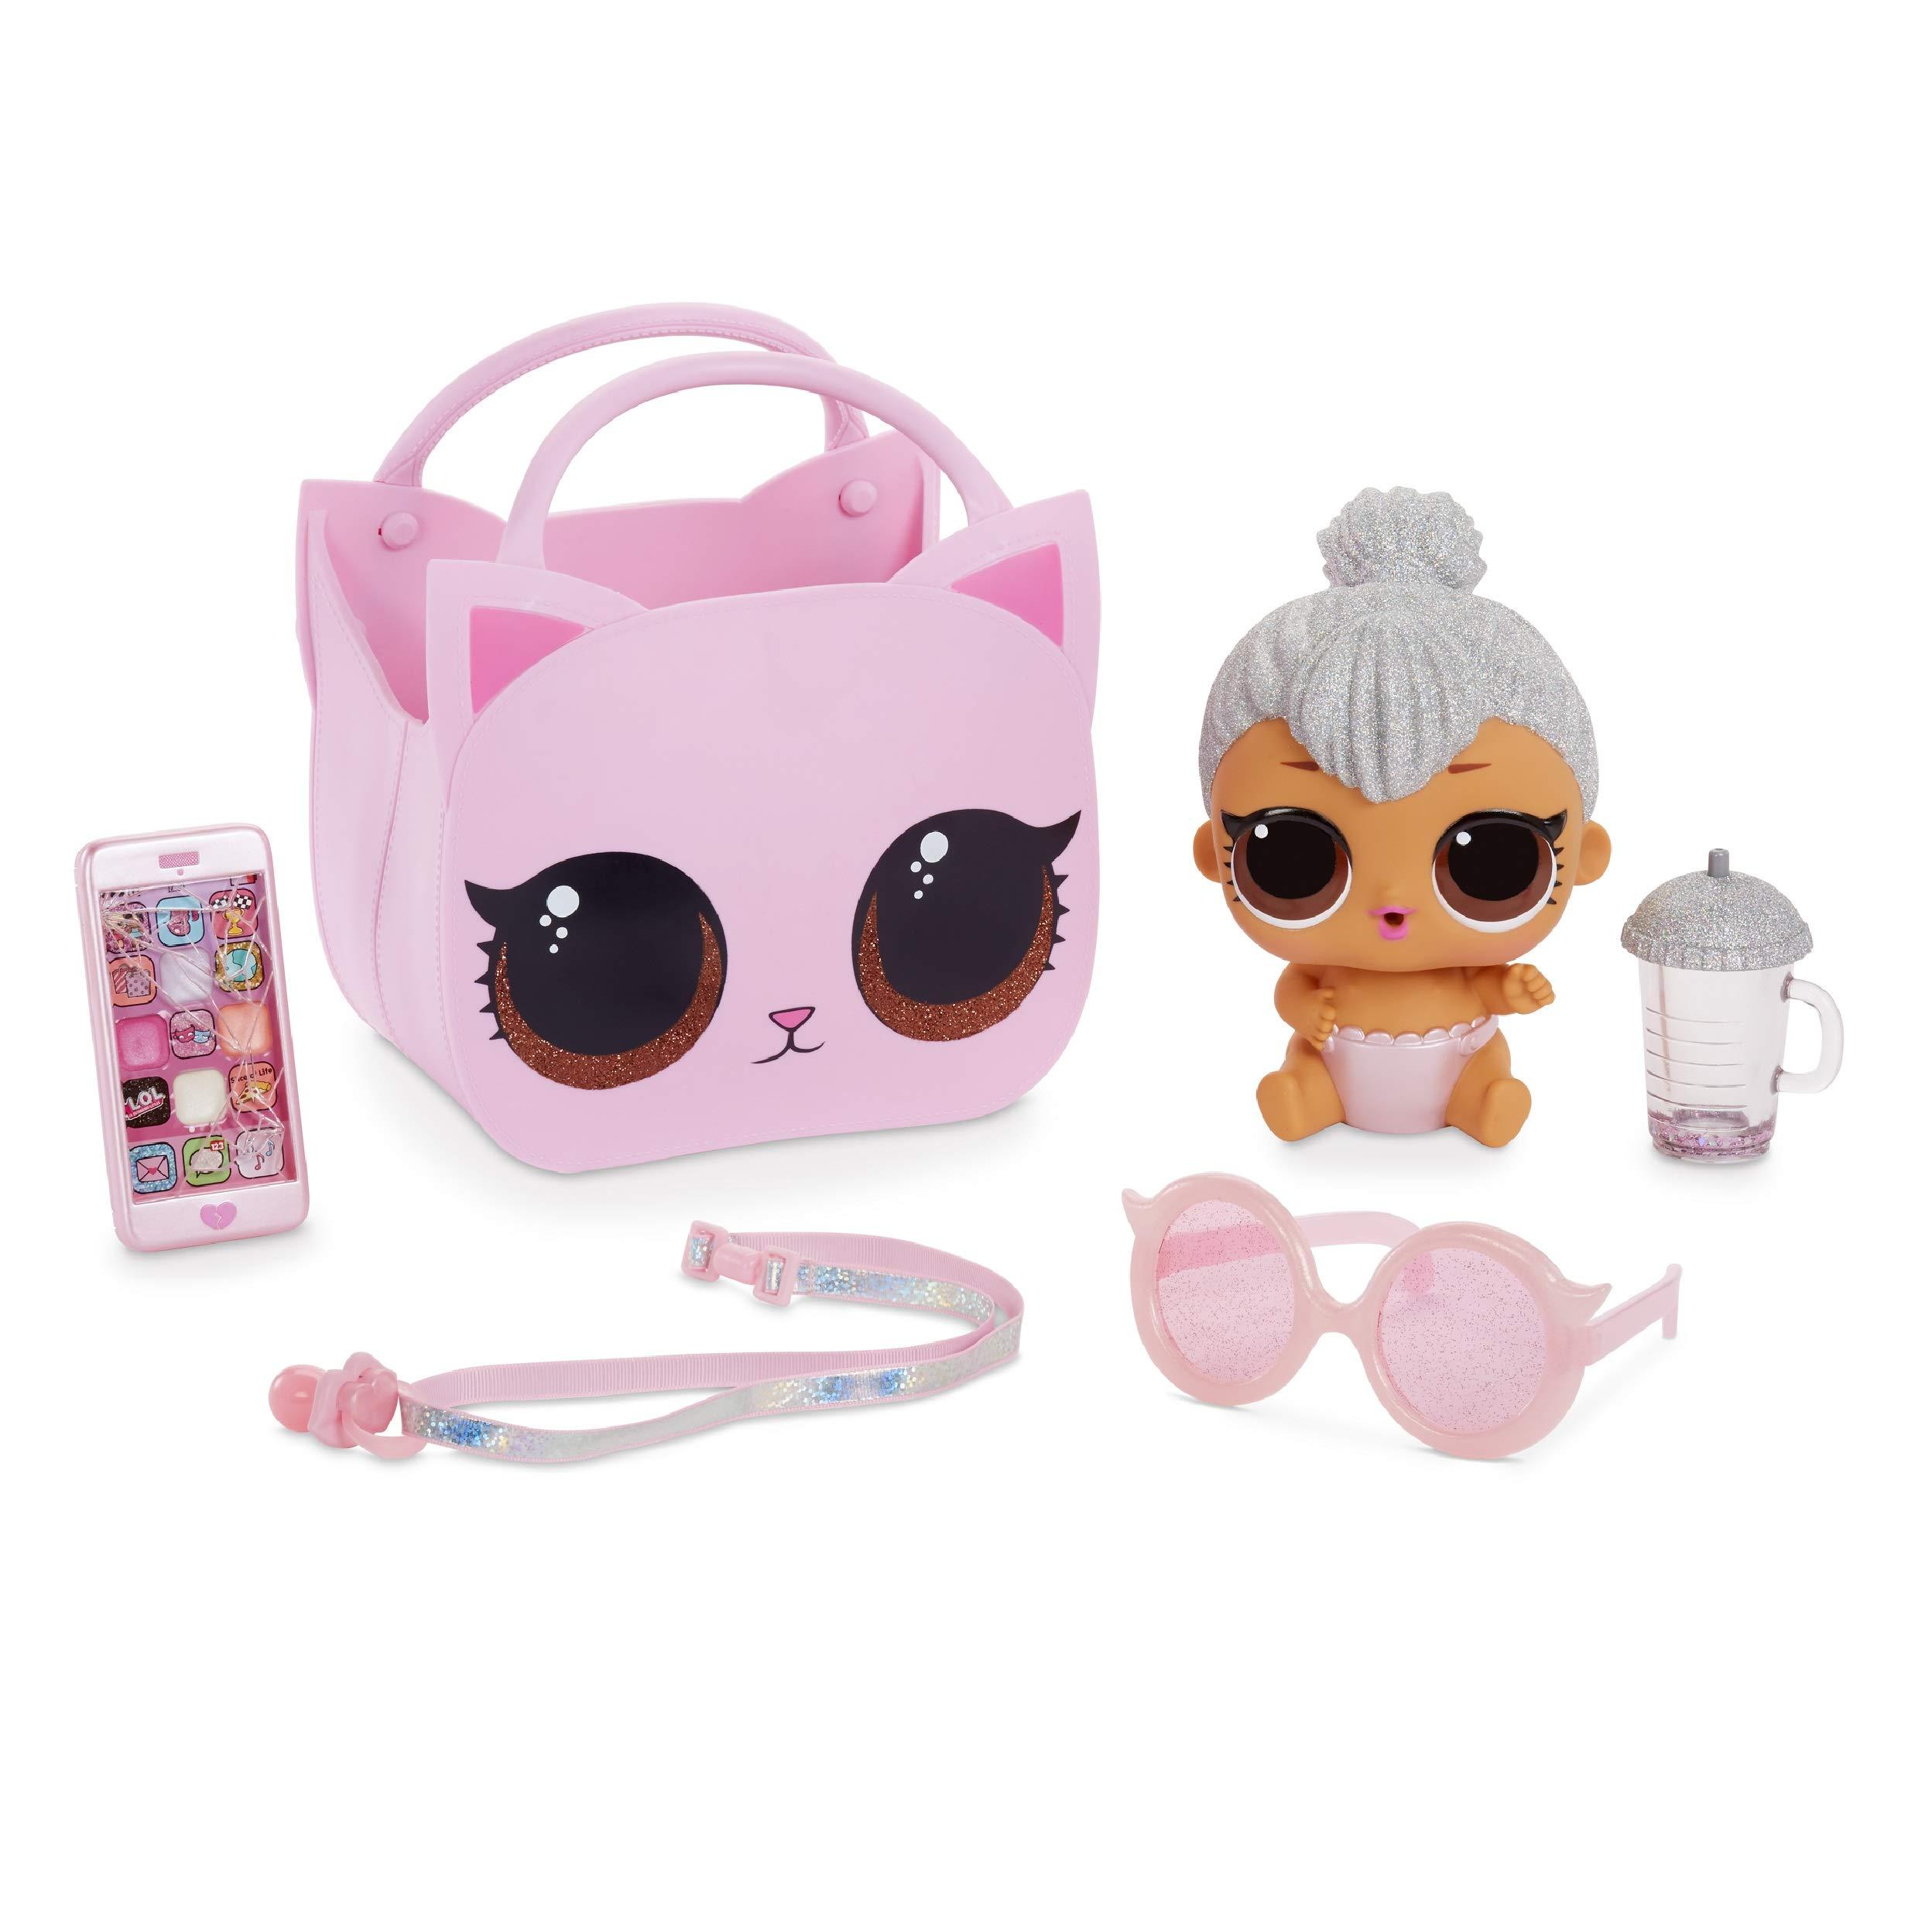 L.O.L. Surprise! Ooh La La Baby Surprise- Lil Kitty Queen by L.O.L. Surprise!